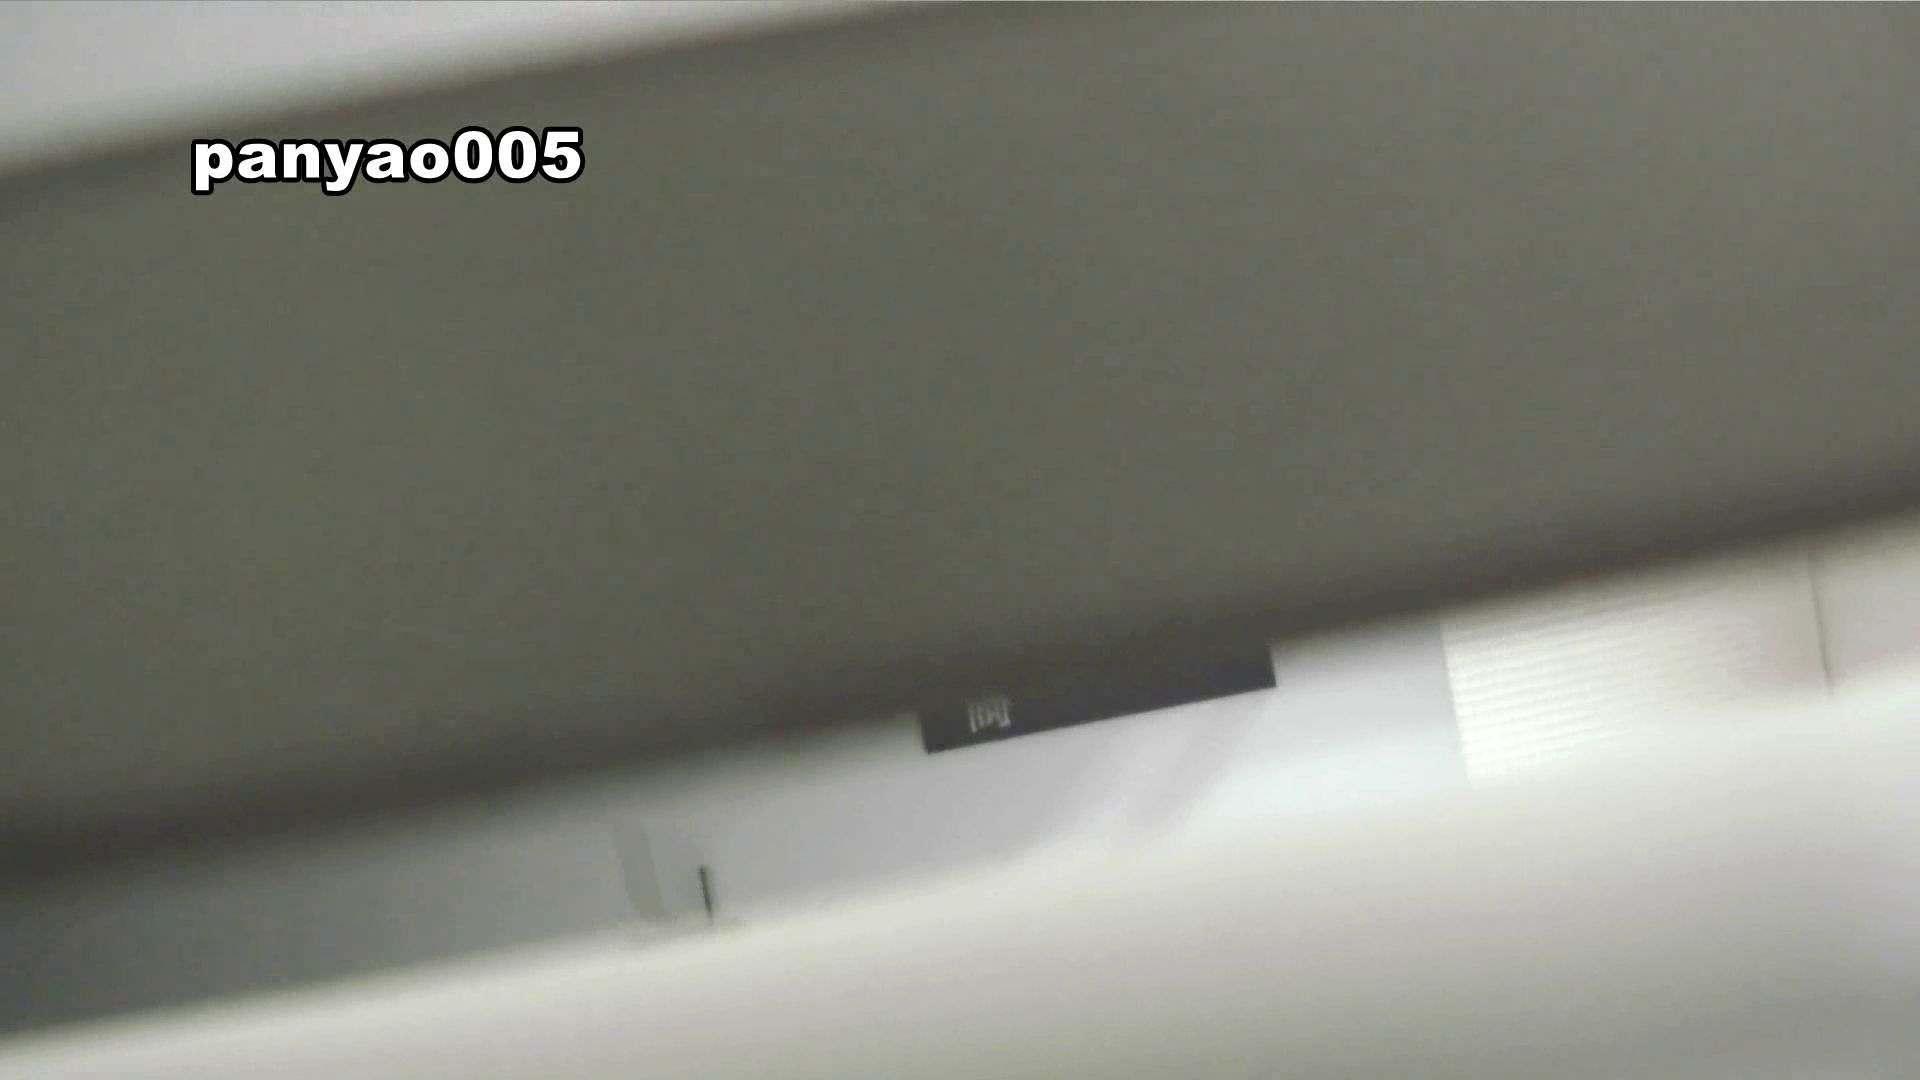 日本成人用品展览会。vol.05 そんな格好で… 潜入突撃 | 着替え  96pic 25